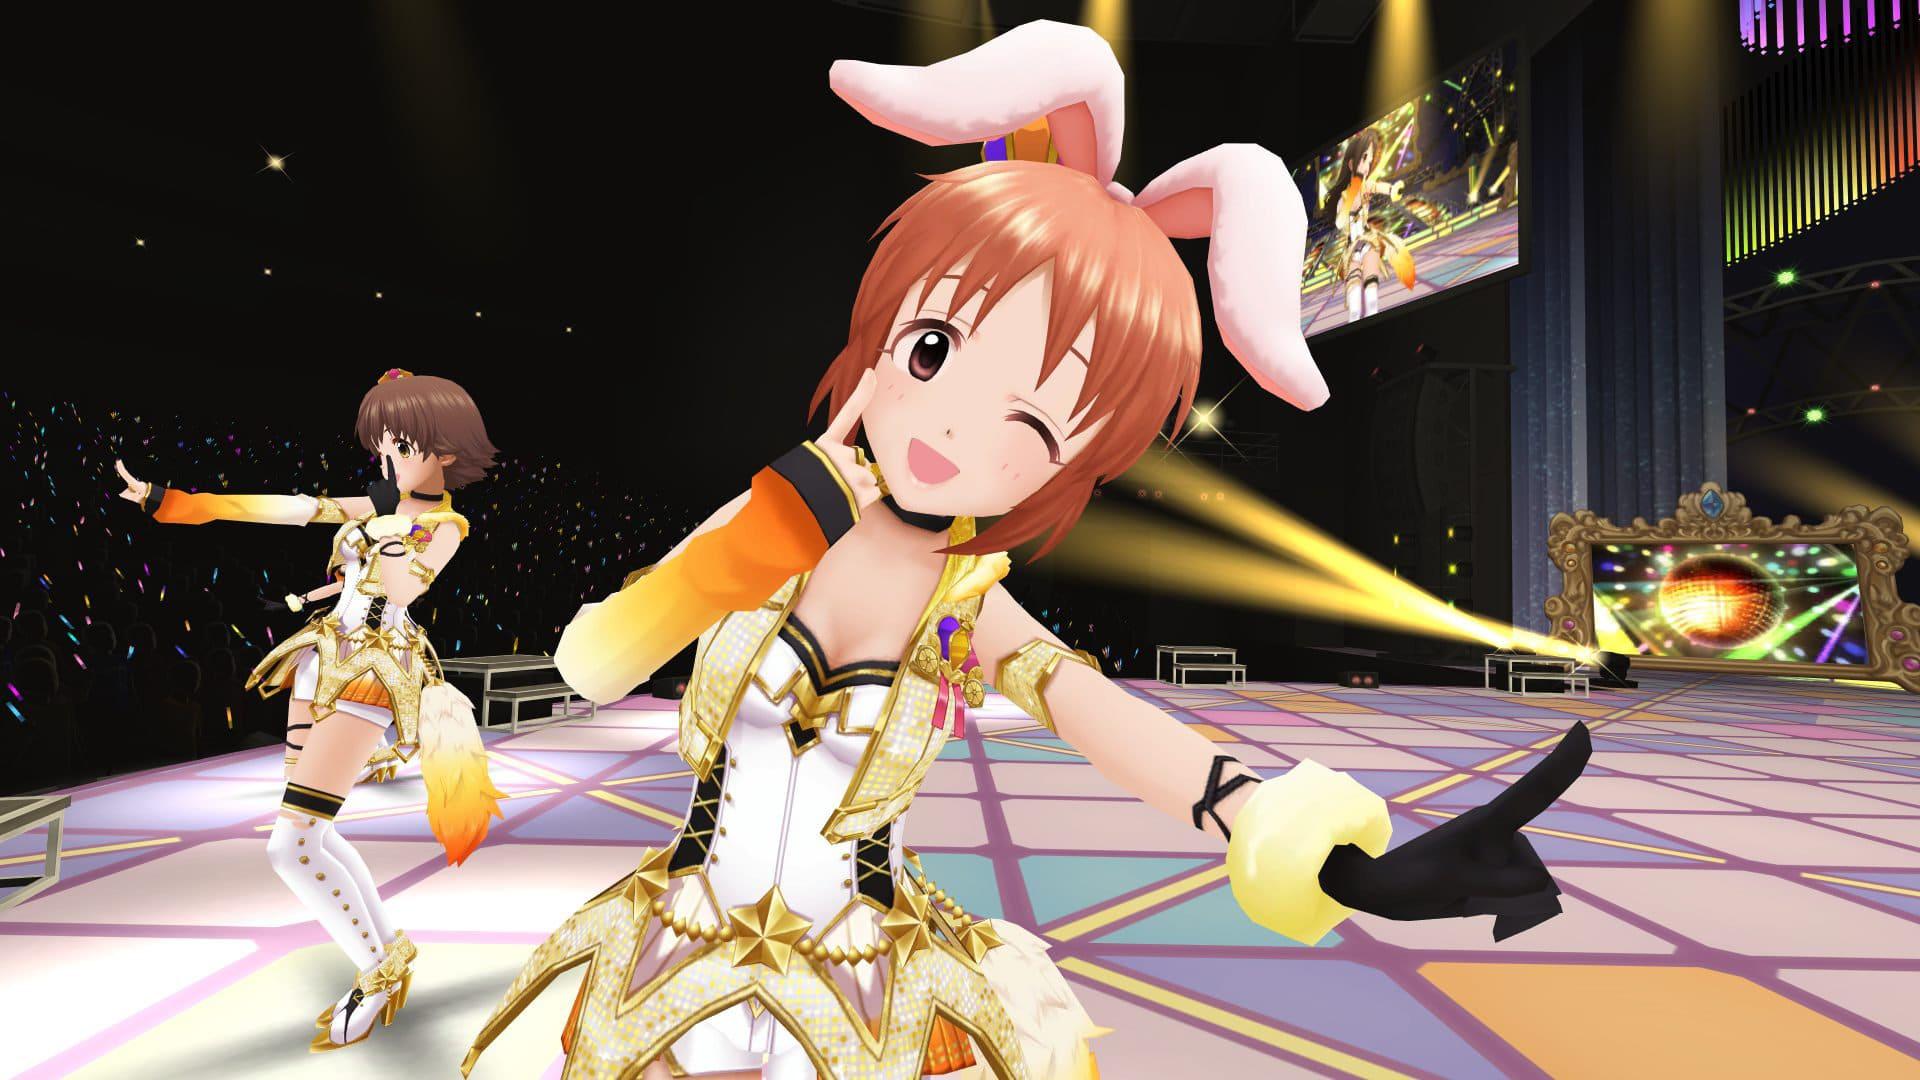 The-Idolmaster-Cinderella-Girls-Viewing-Revolution-PSVR-Sony